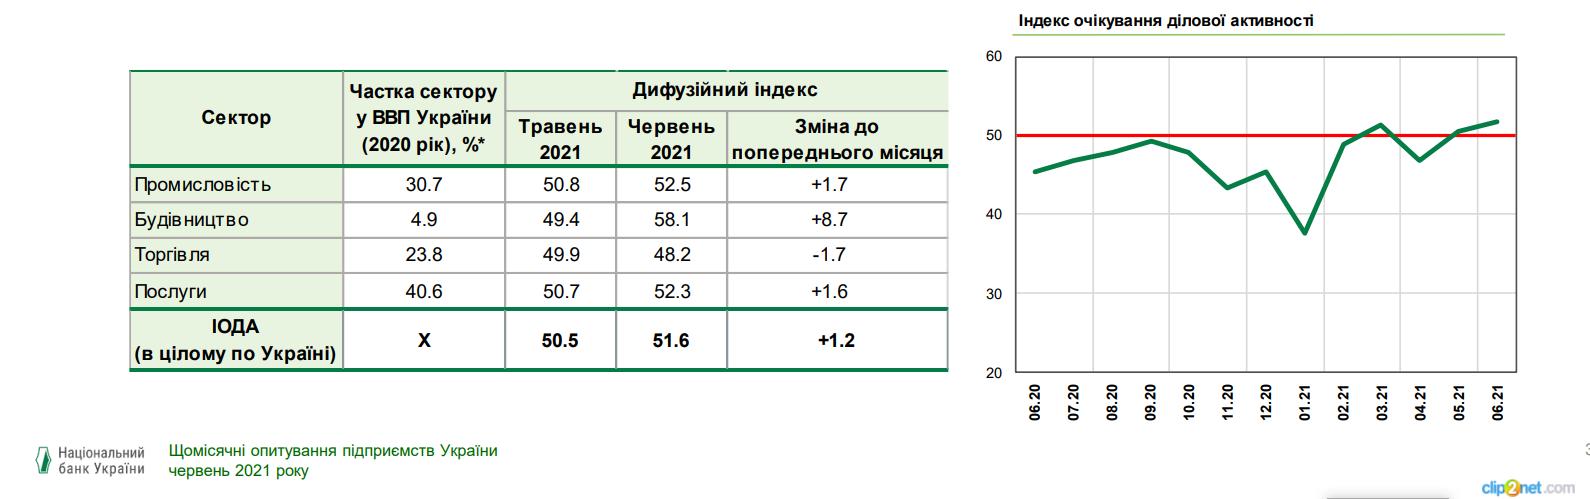 Оценка бизнесом экономических перспектив самая высокая с октября 2019 года – индекс НБУ